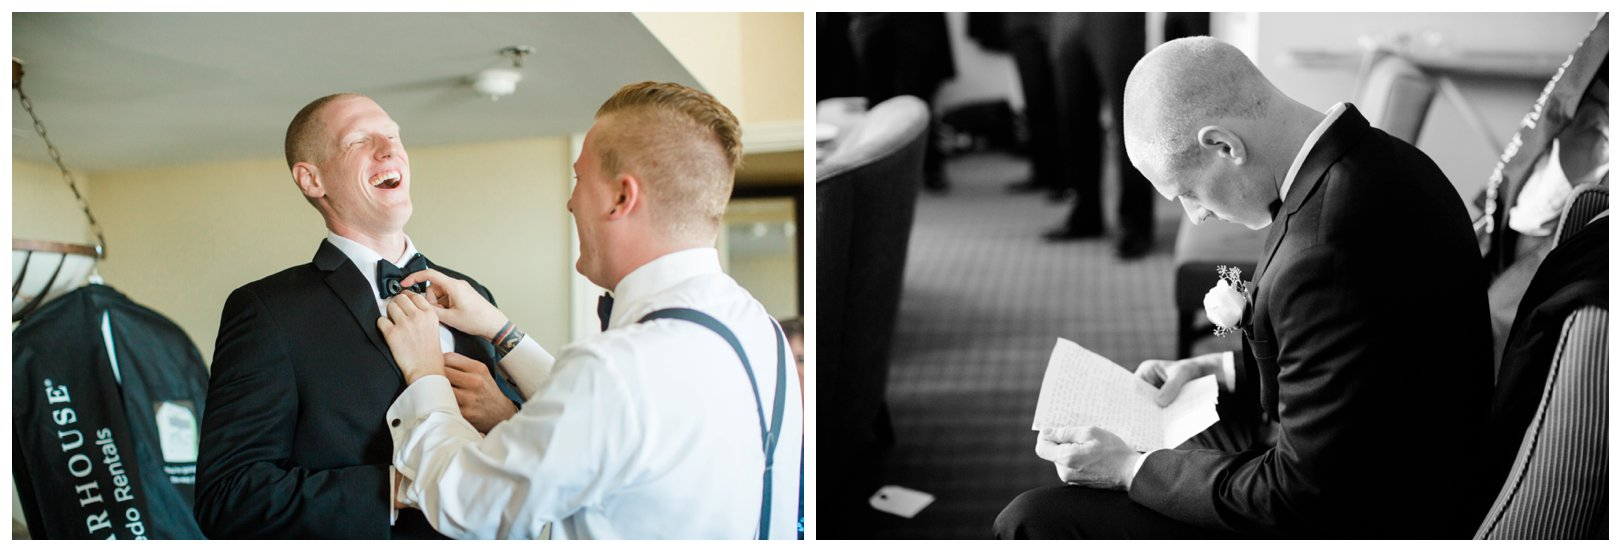 lauren muckler photography_fine art film wedding photography_st louis_photography_1294.jpg